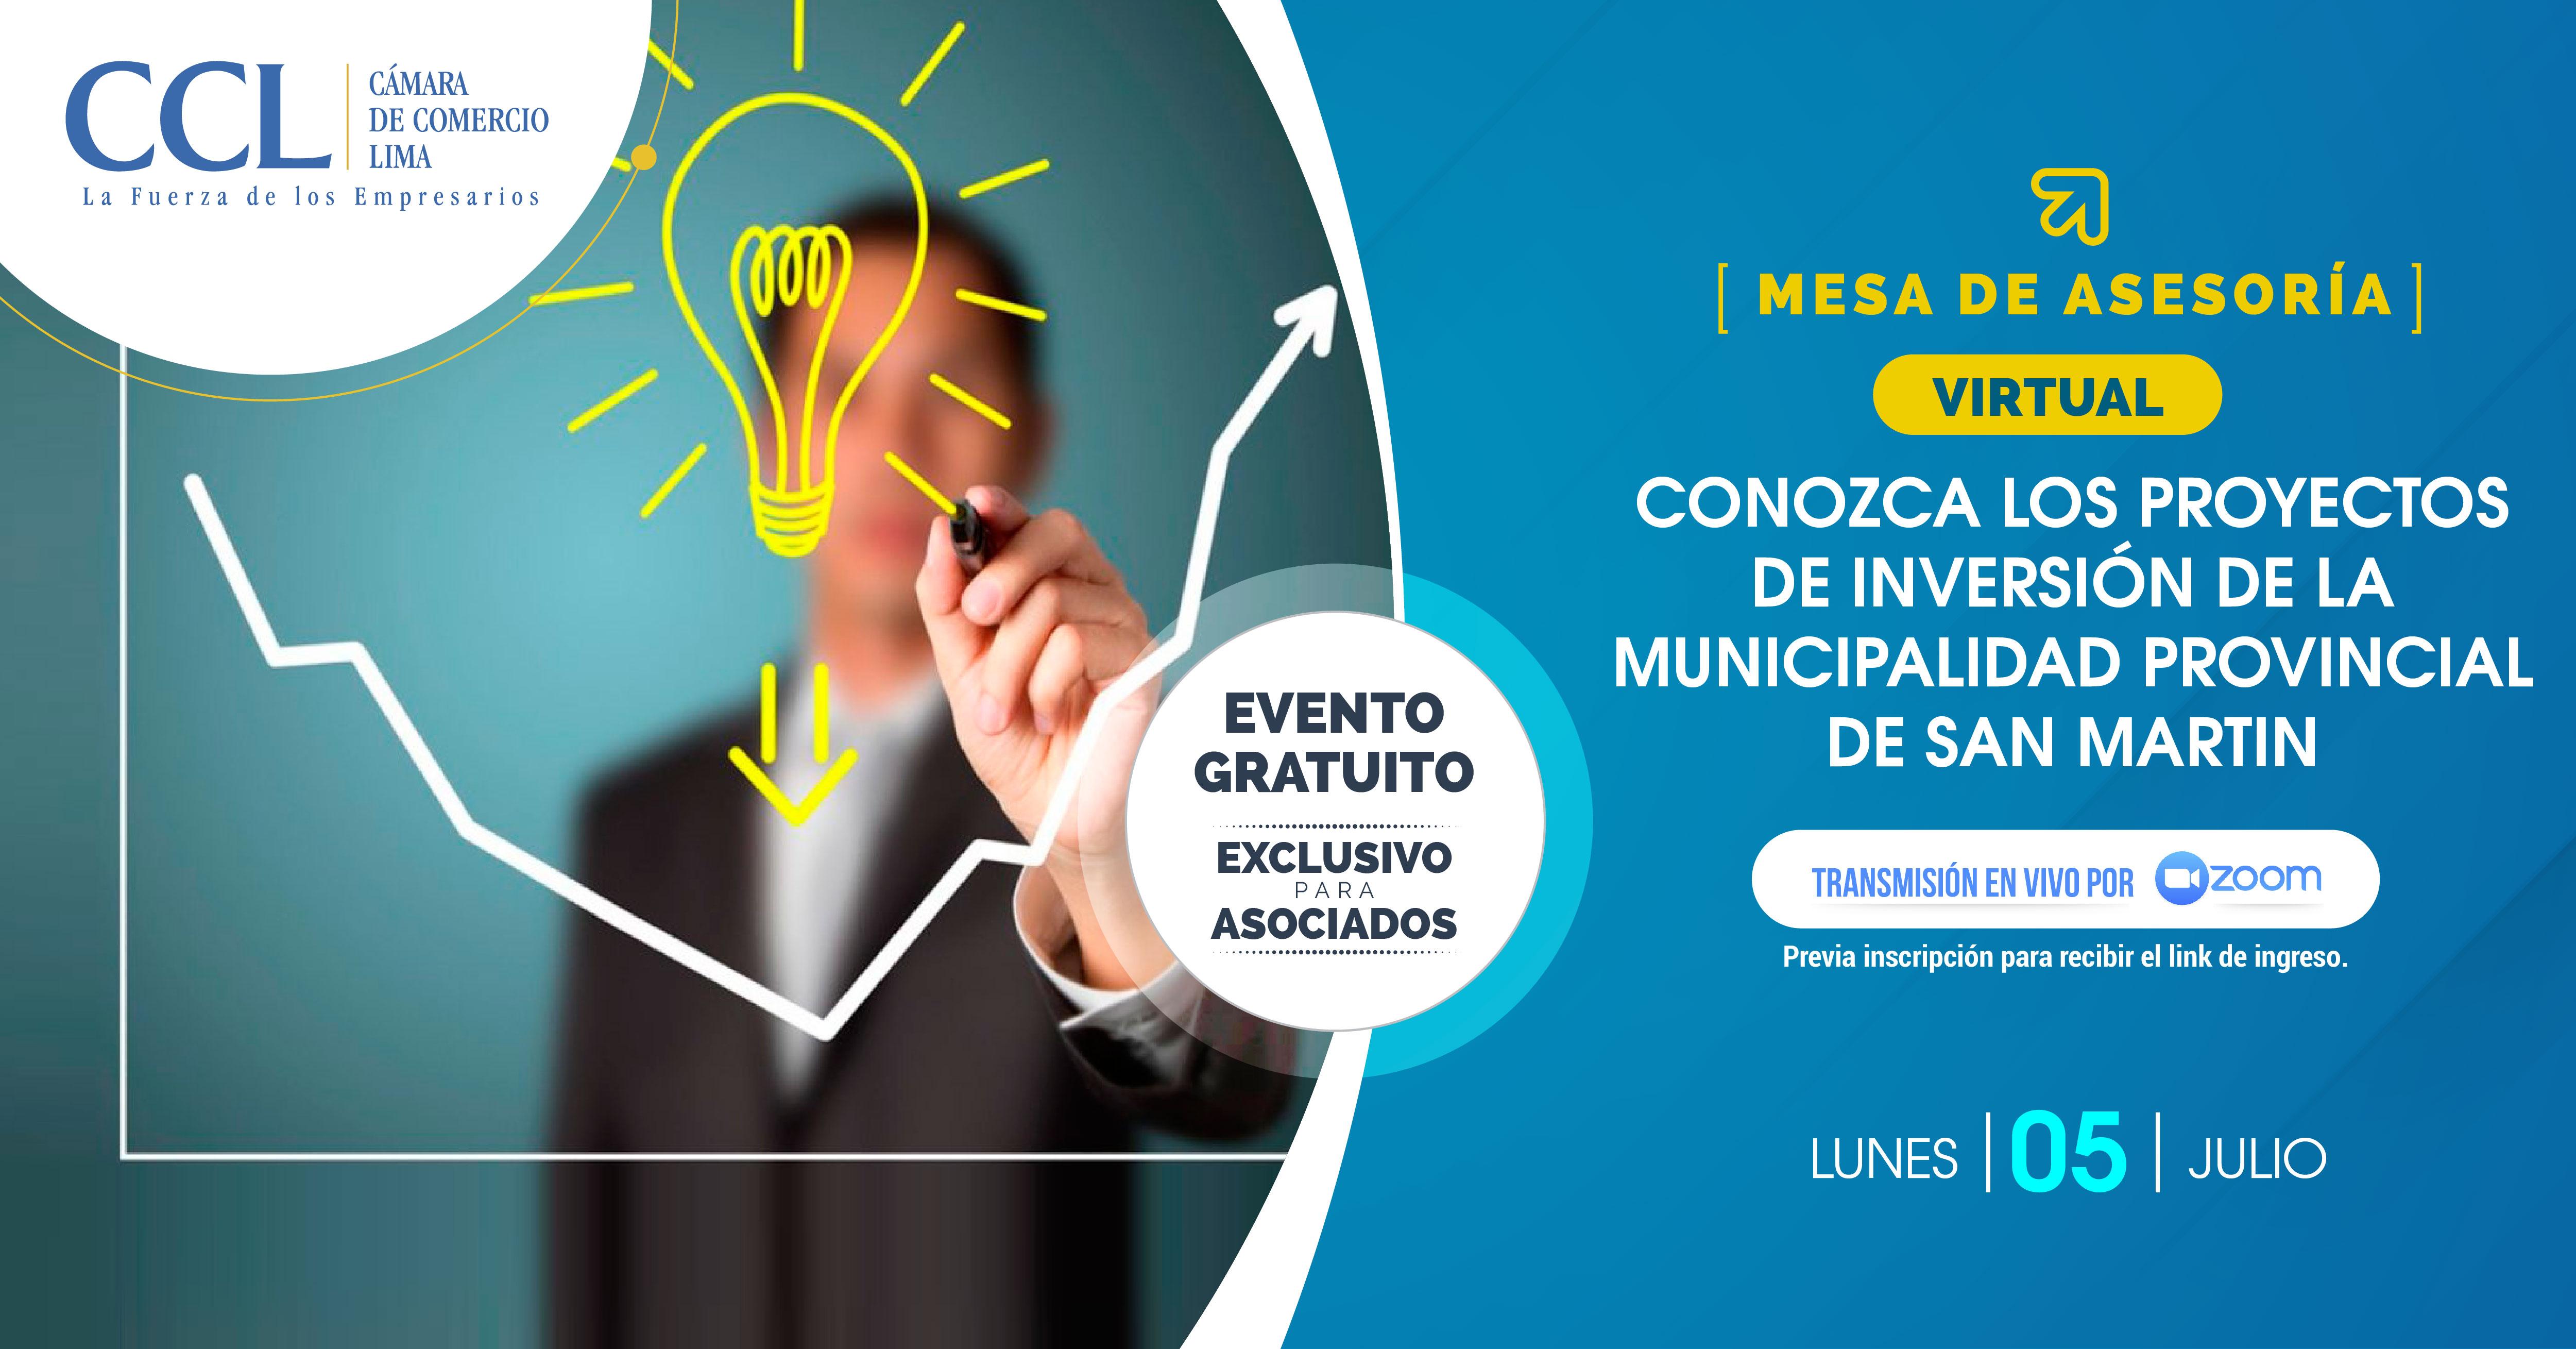 Conozca los proyectos de inversión de la Municipalidad Provincial de San Martin